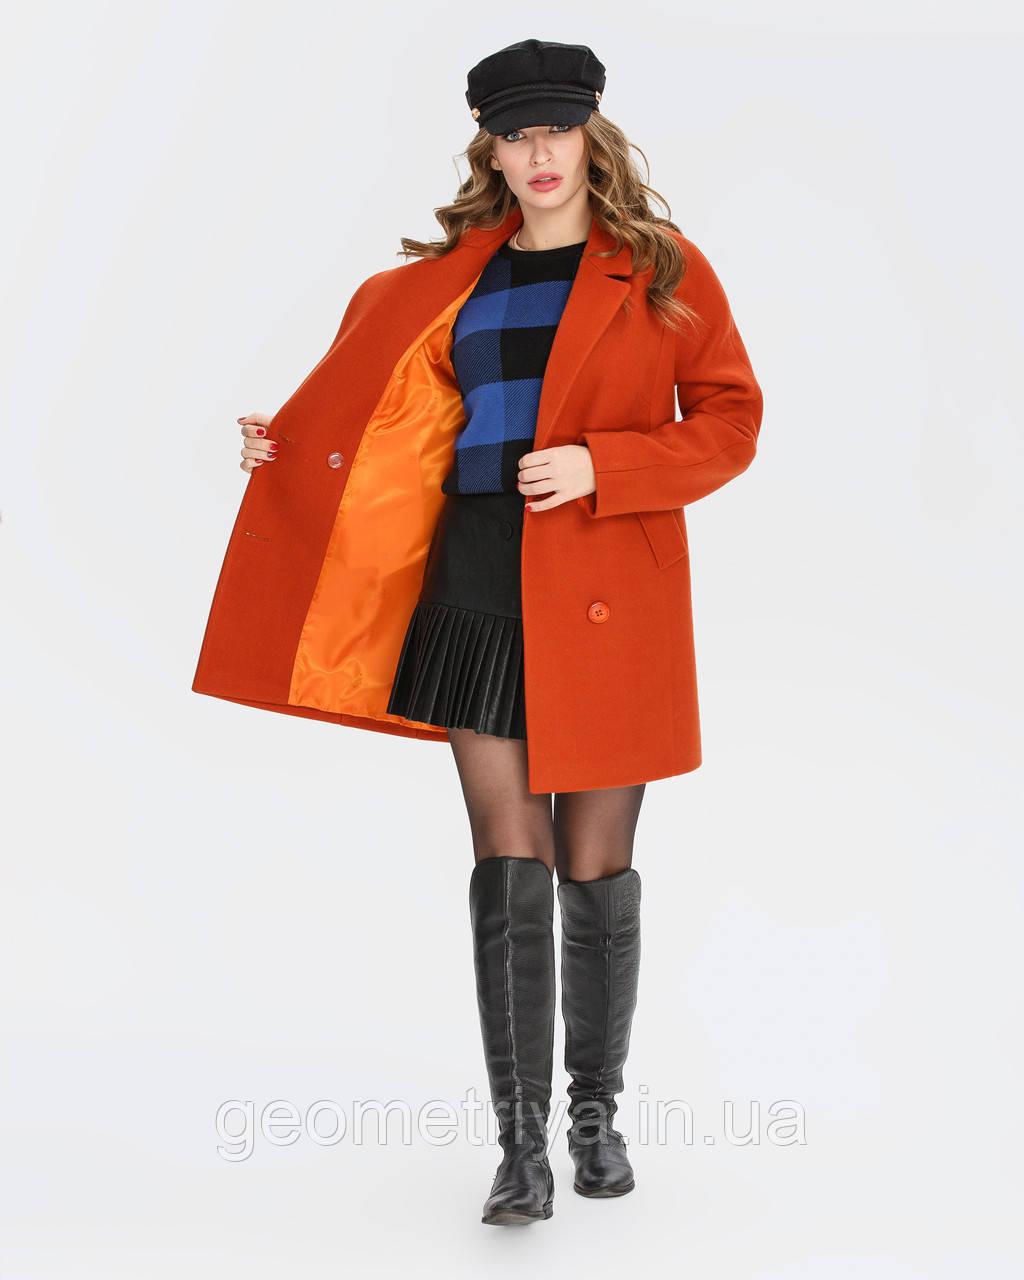 516ec4219a2 Женское весеннее пальто терракотового цвета  продажа